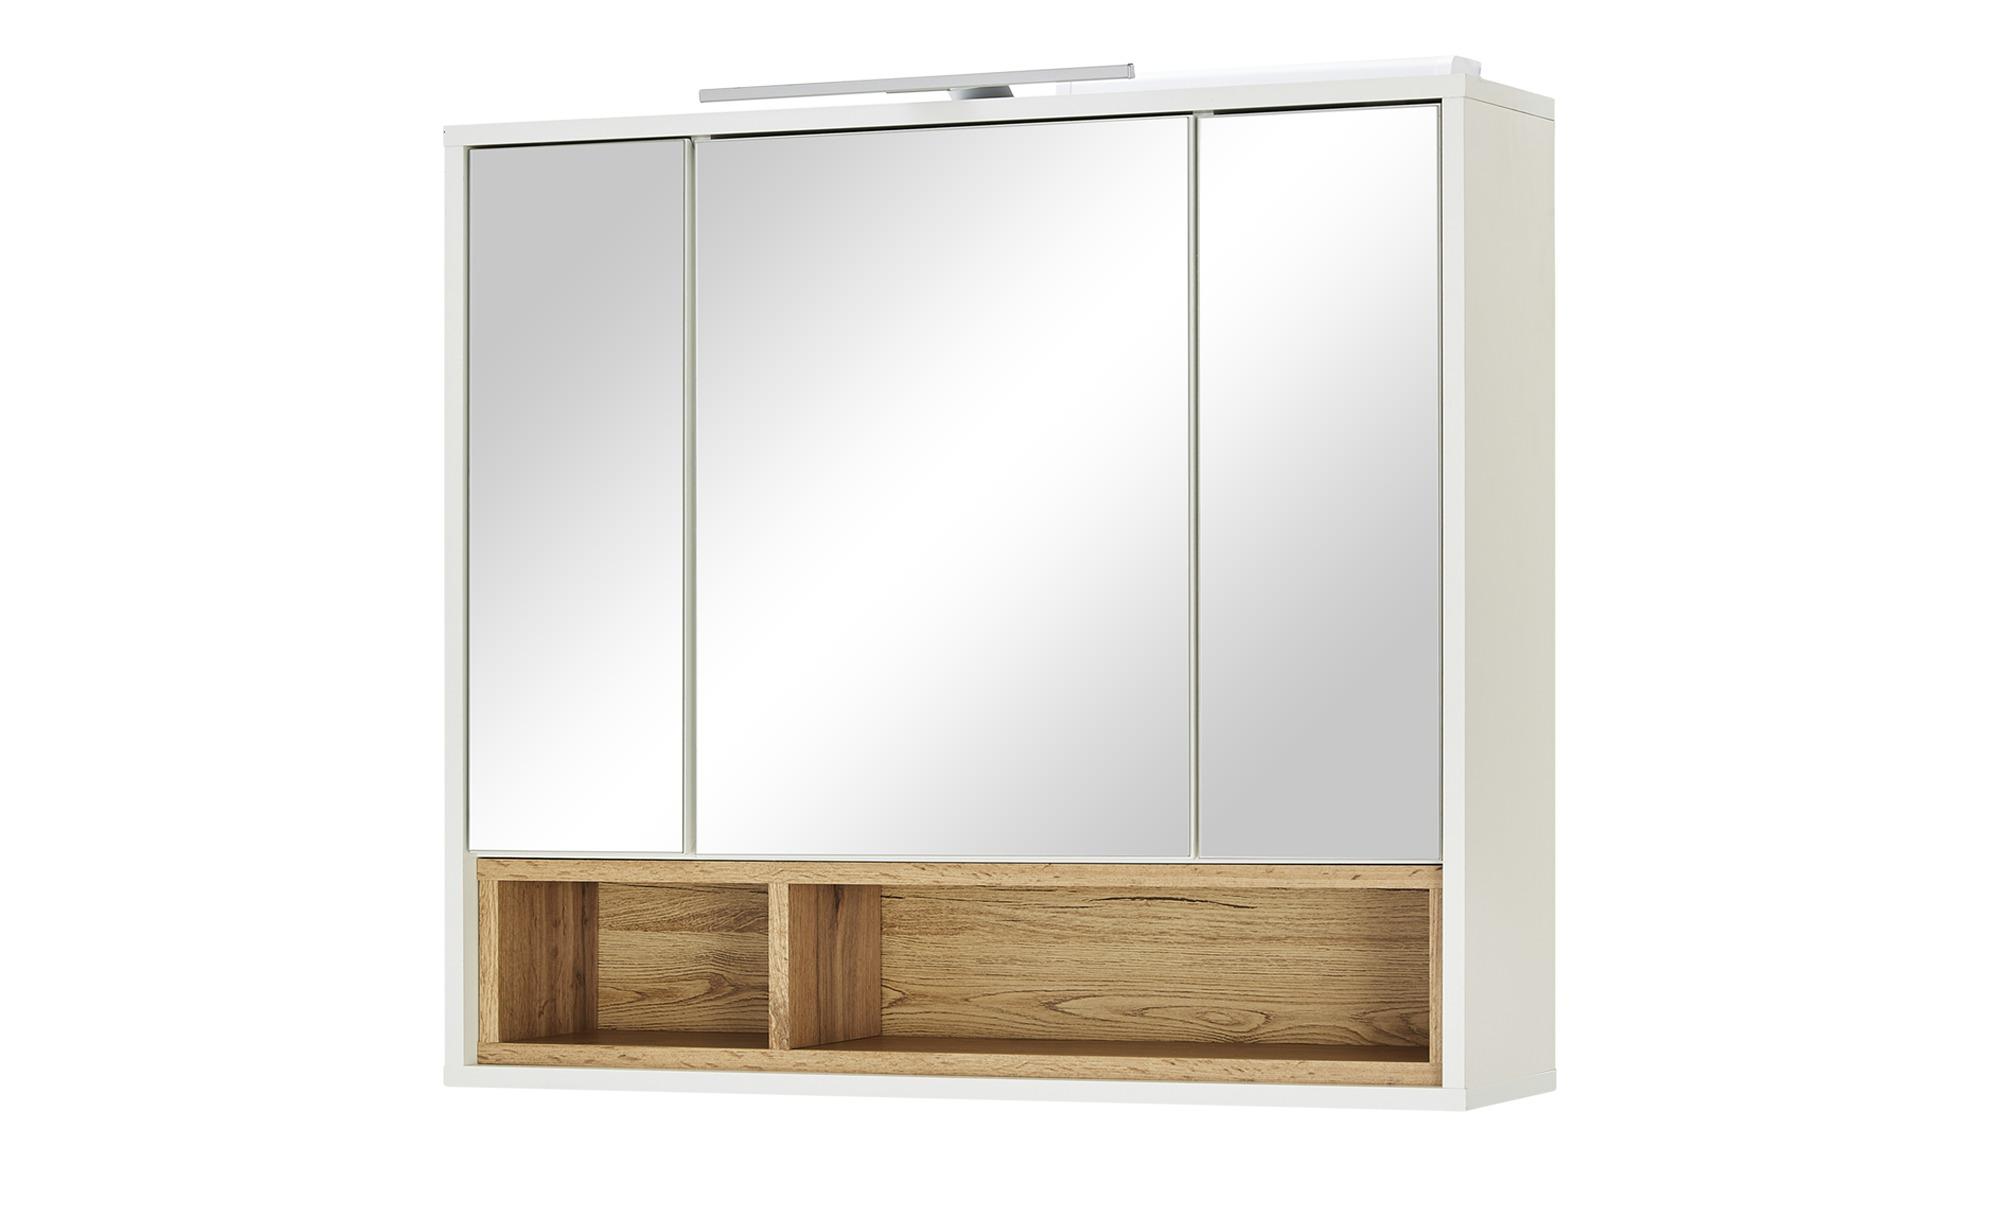 3-türiger Badspiegelschrank mit Beleuchtung 'Maxsee'